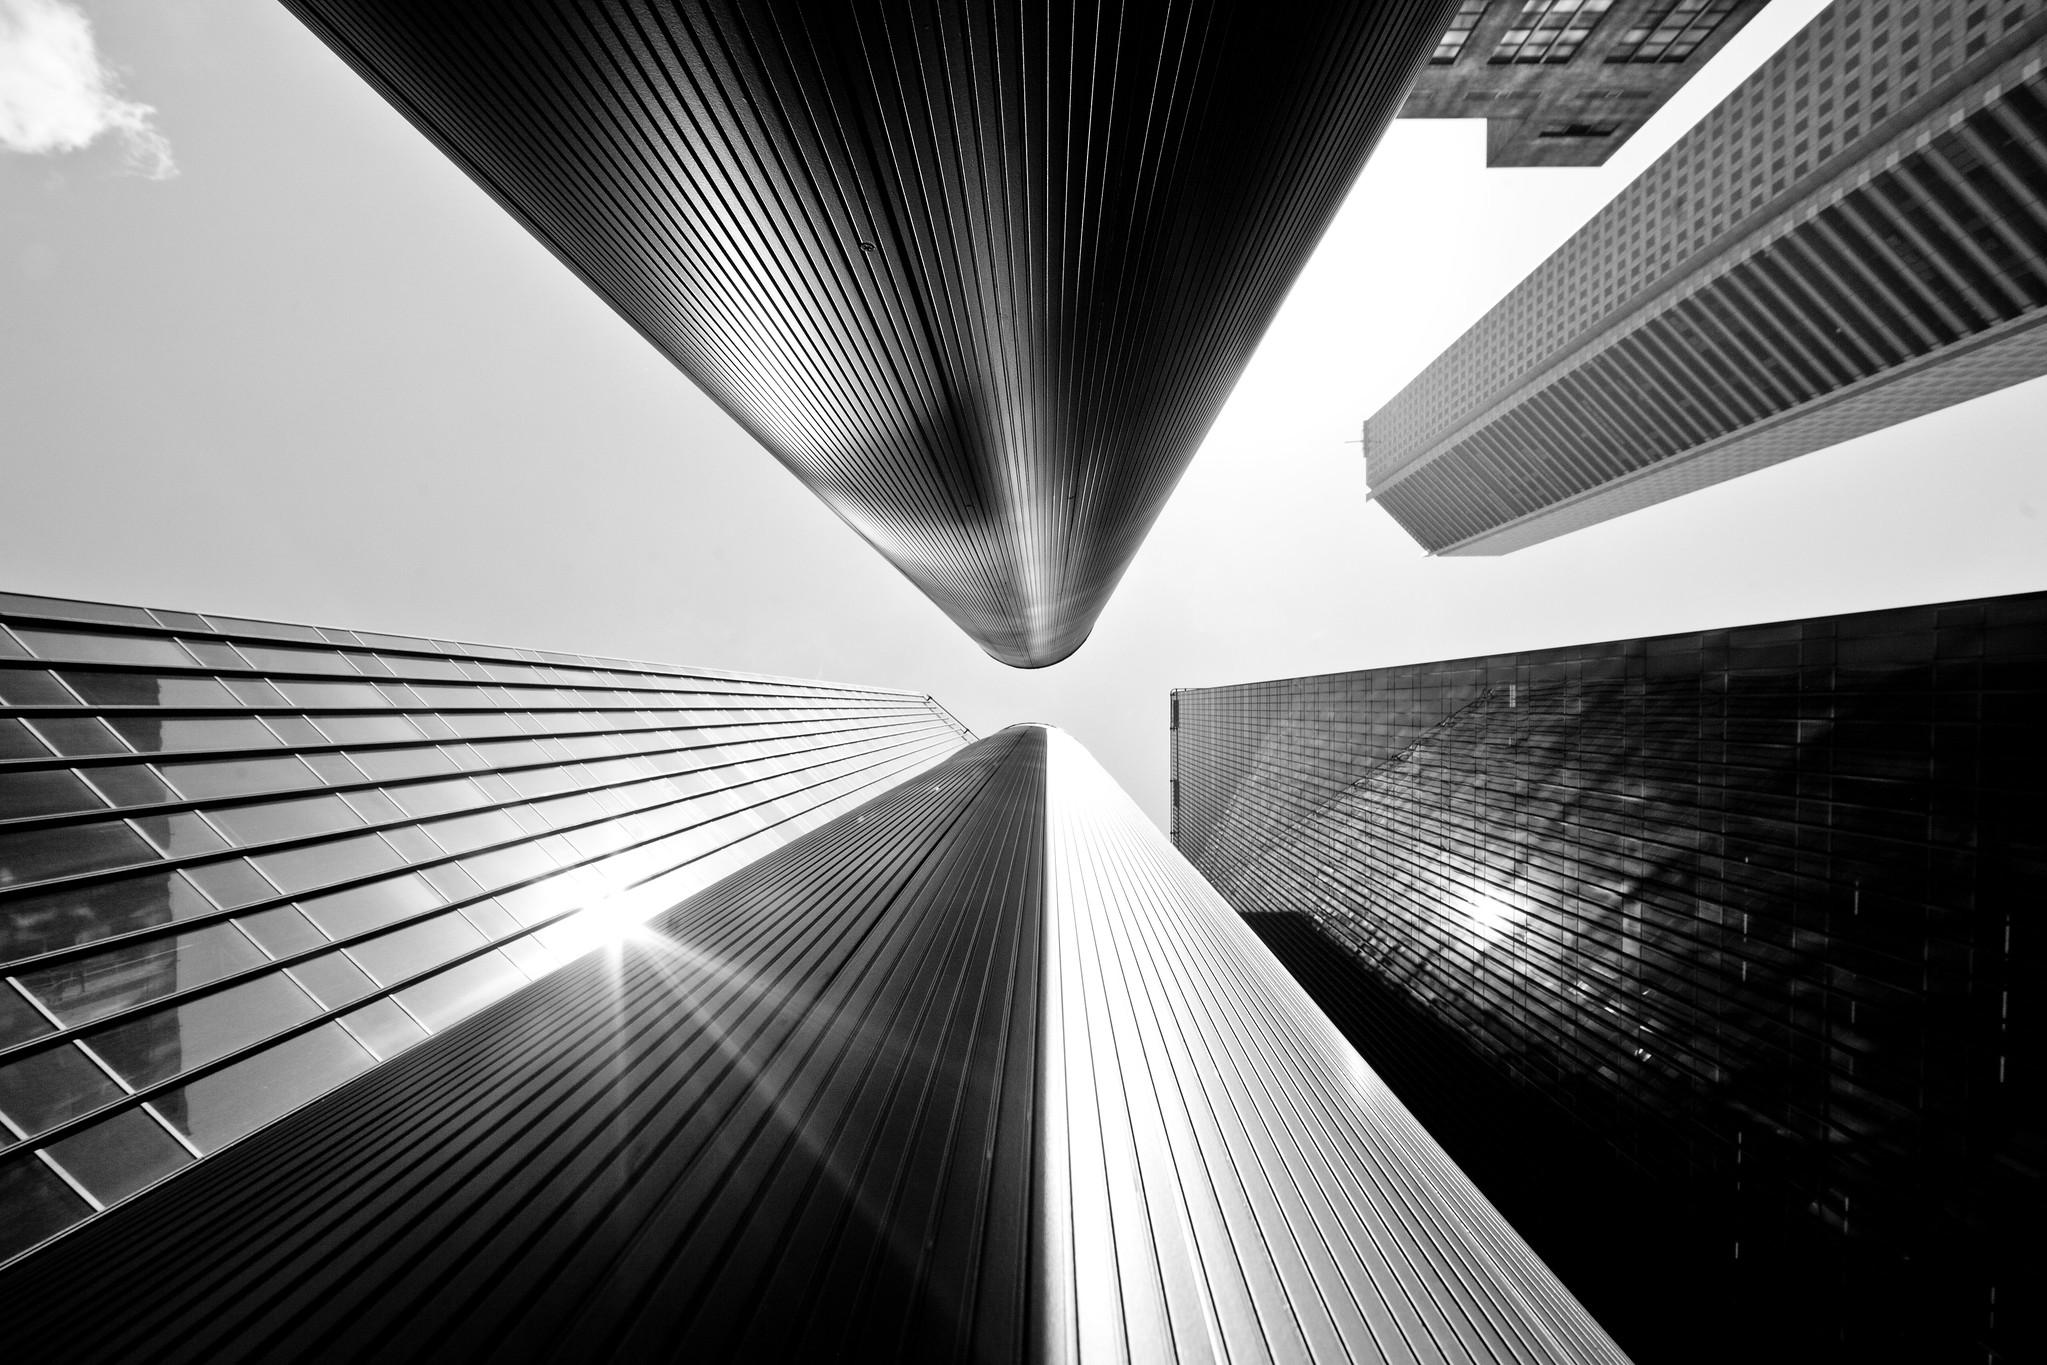 JP Morgan Chase Towers by Thomas Hawk